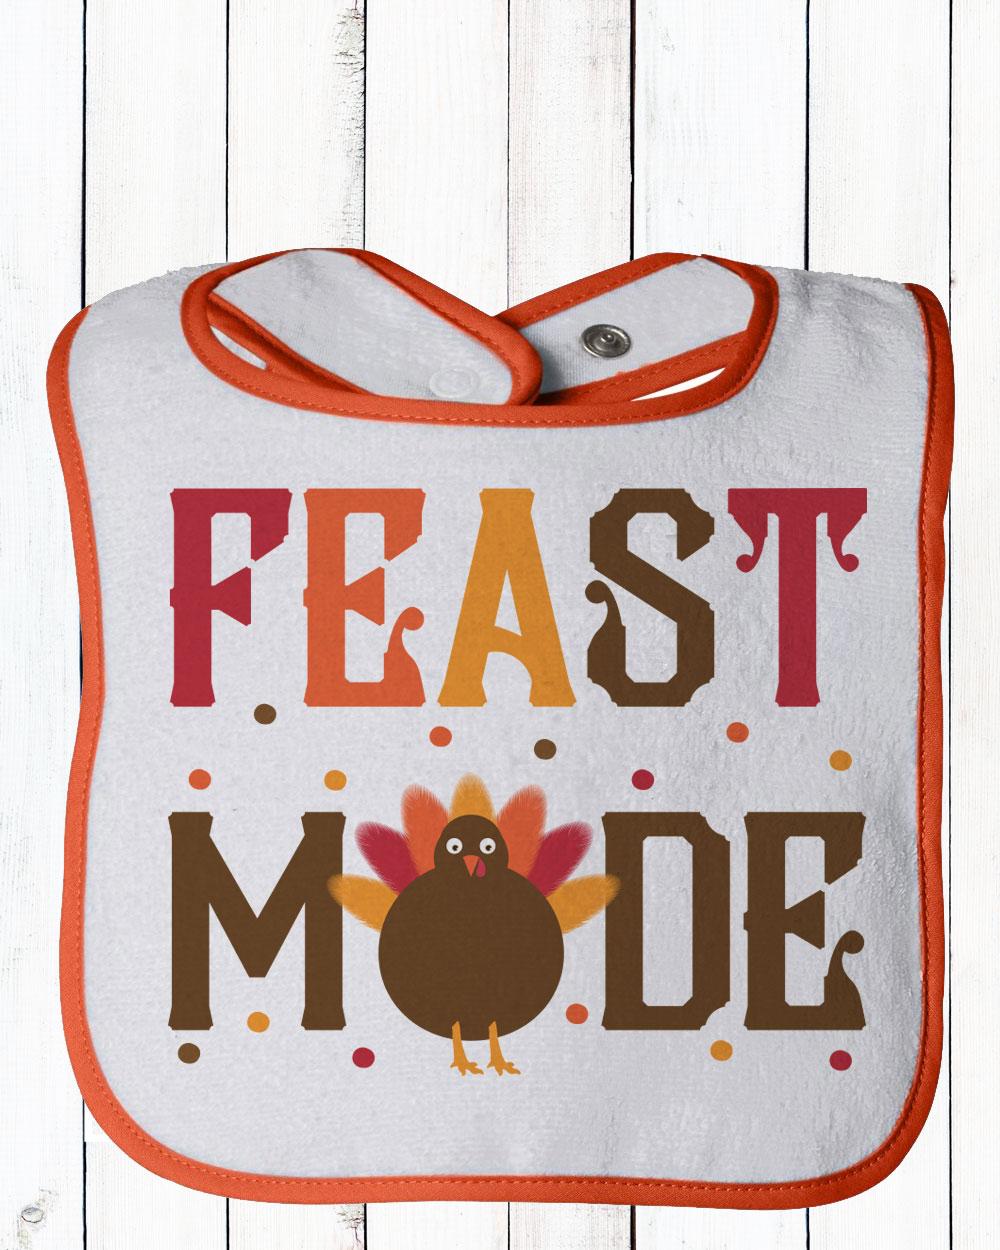 feast-mode-baby-bib.jpg